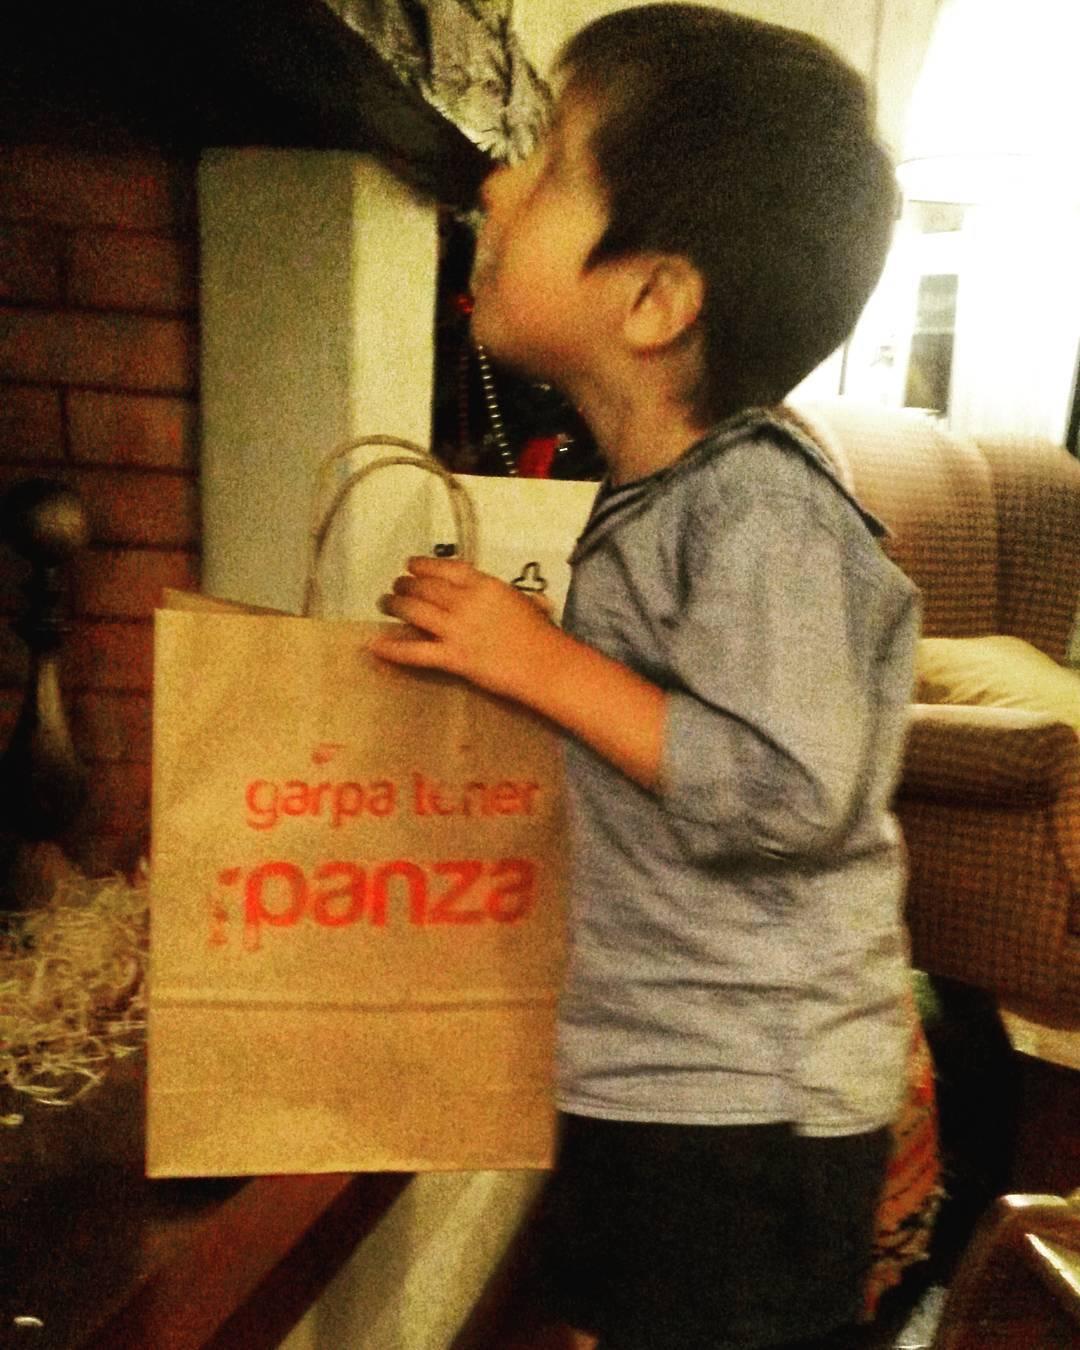 La larga espera para abrir los regalos...#feliznavidad